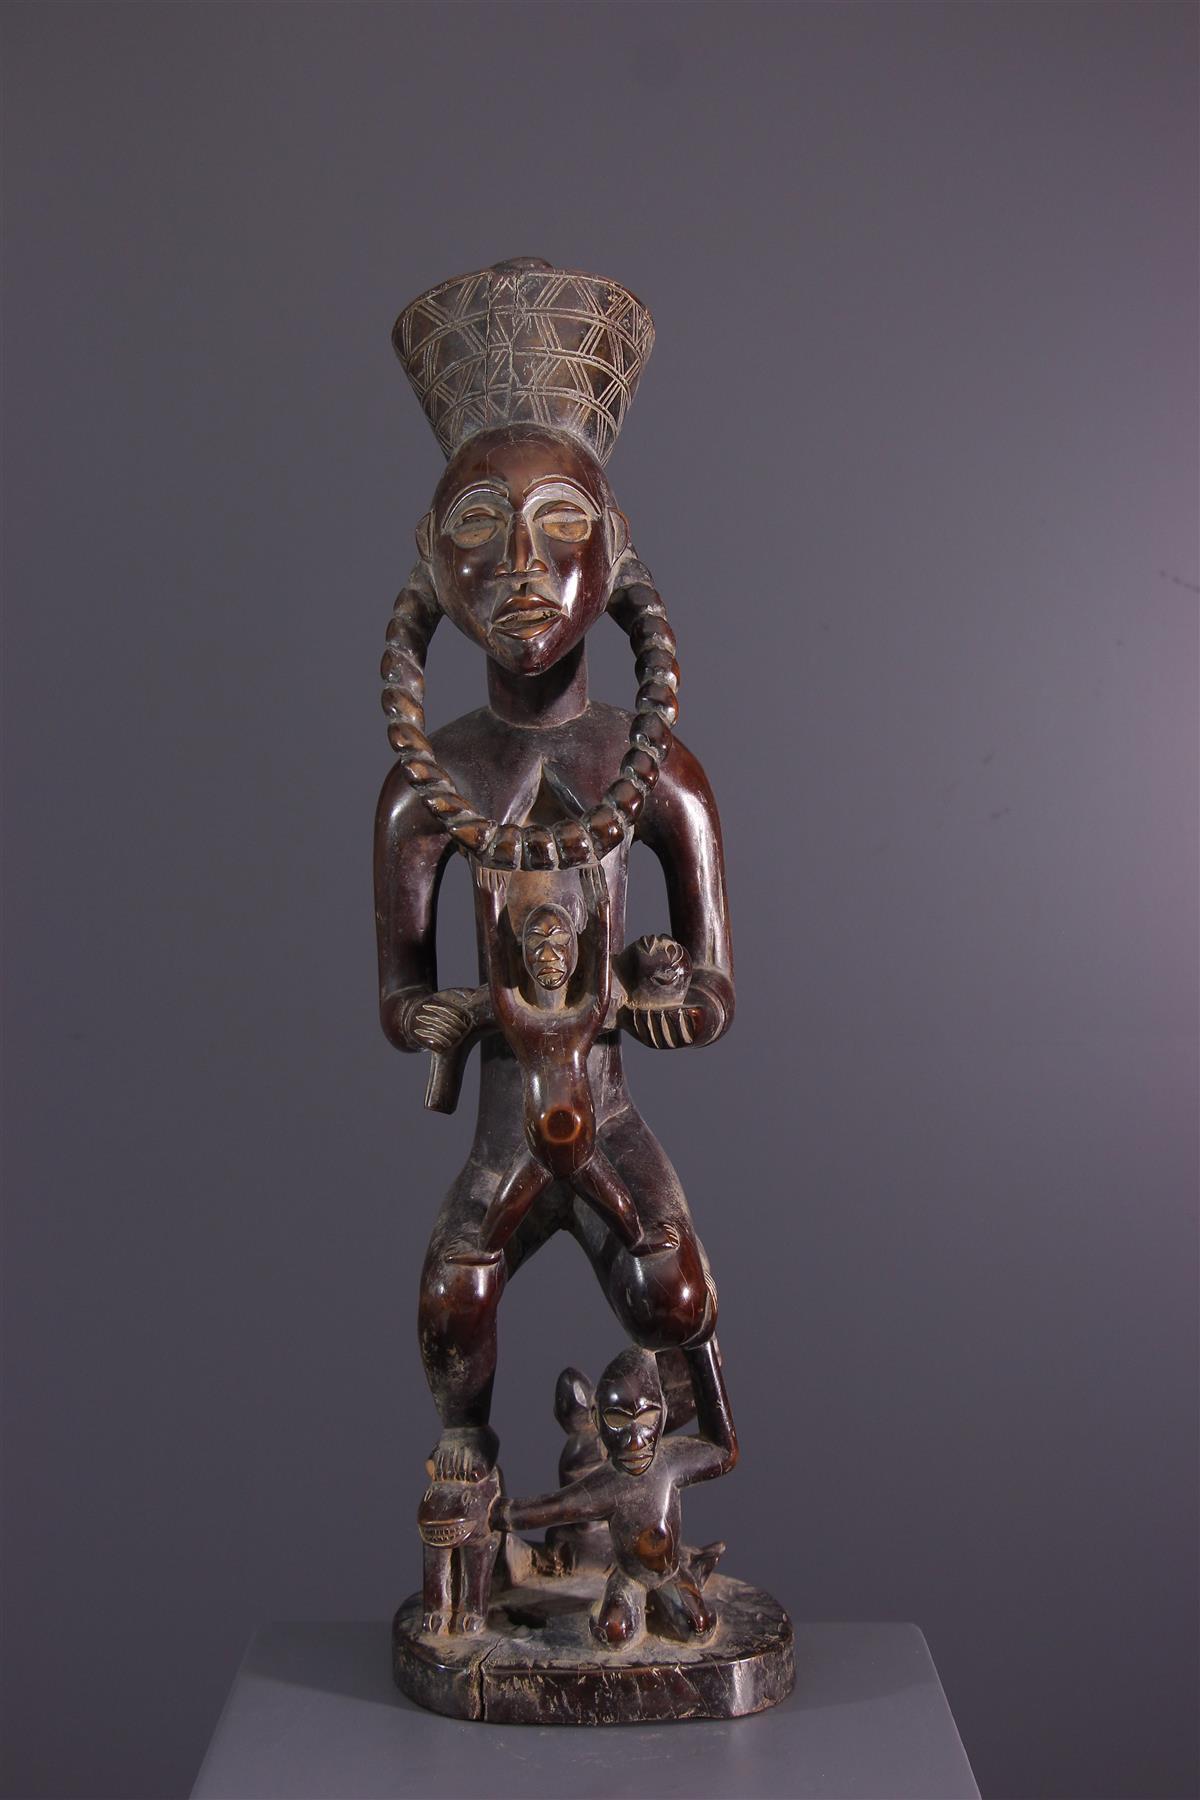 Statue of Kongo - African art